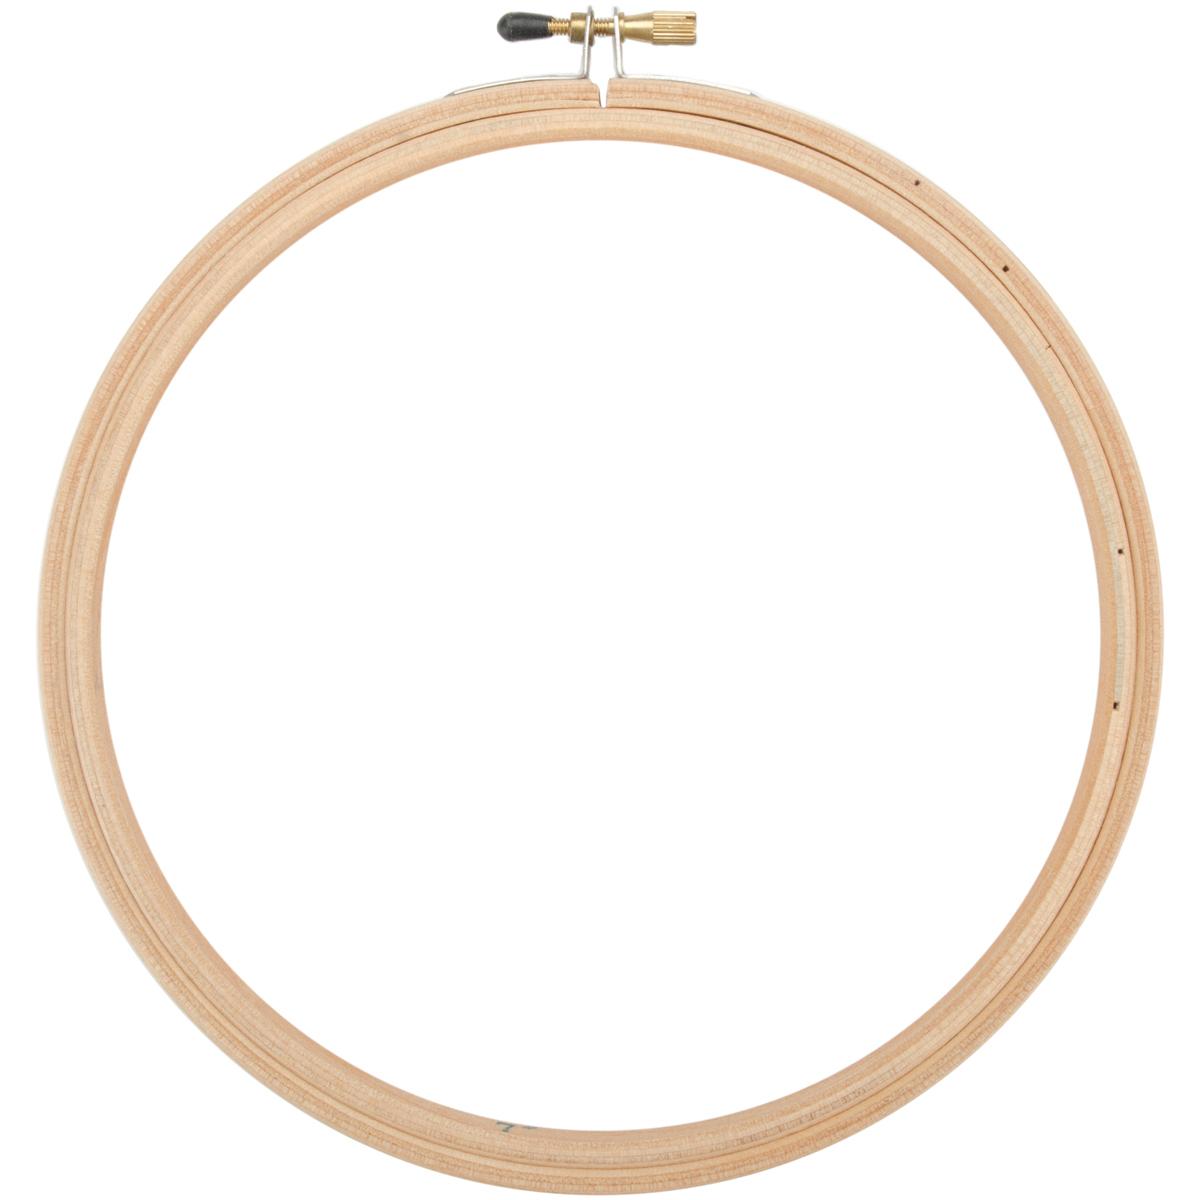 7 Wood Hoop